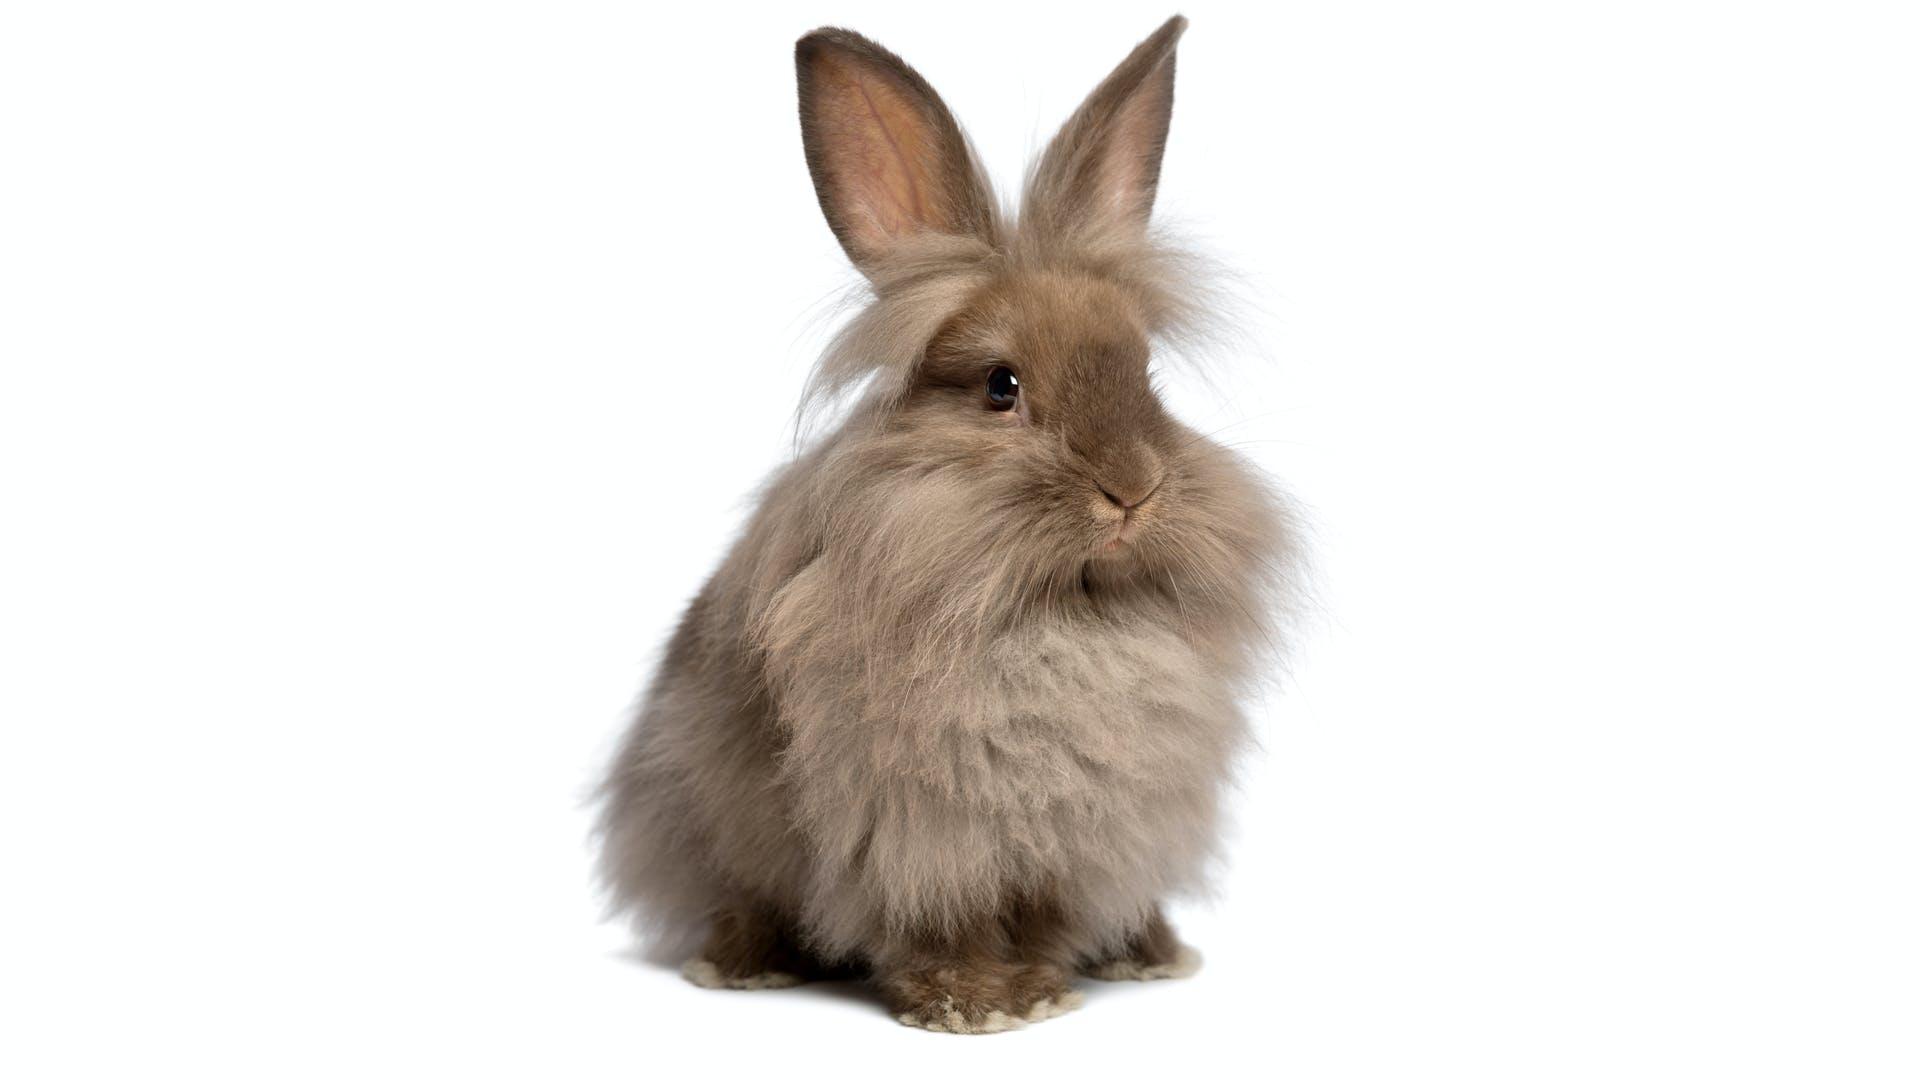 A fluffy rabbit